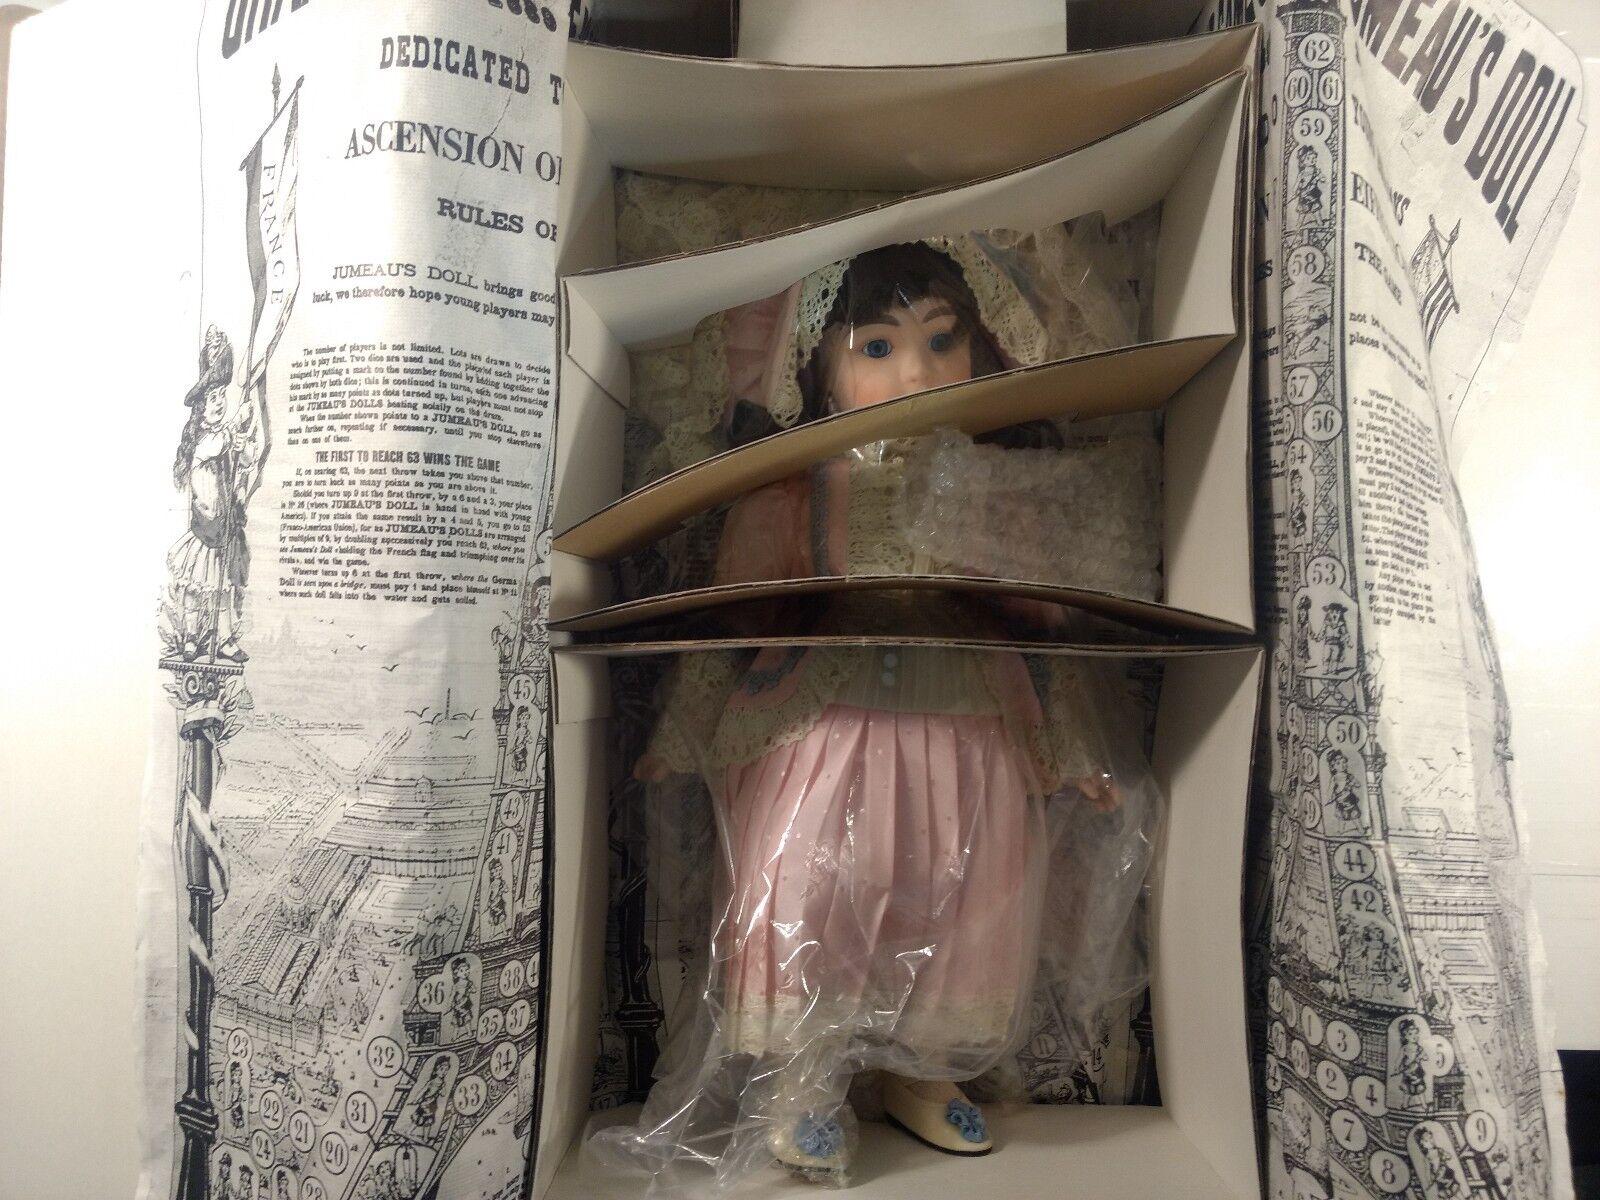 Raro Hamilton Collection Heritage Bambole Colette Porcellana 40.6cm ds1329   vendendo bene in tutto il mondo